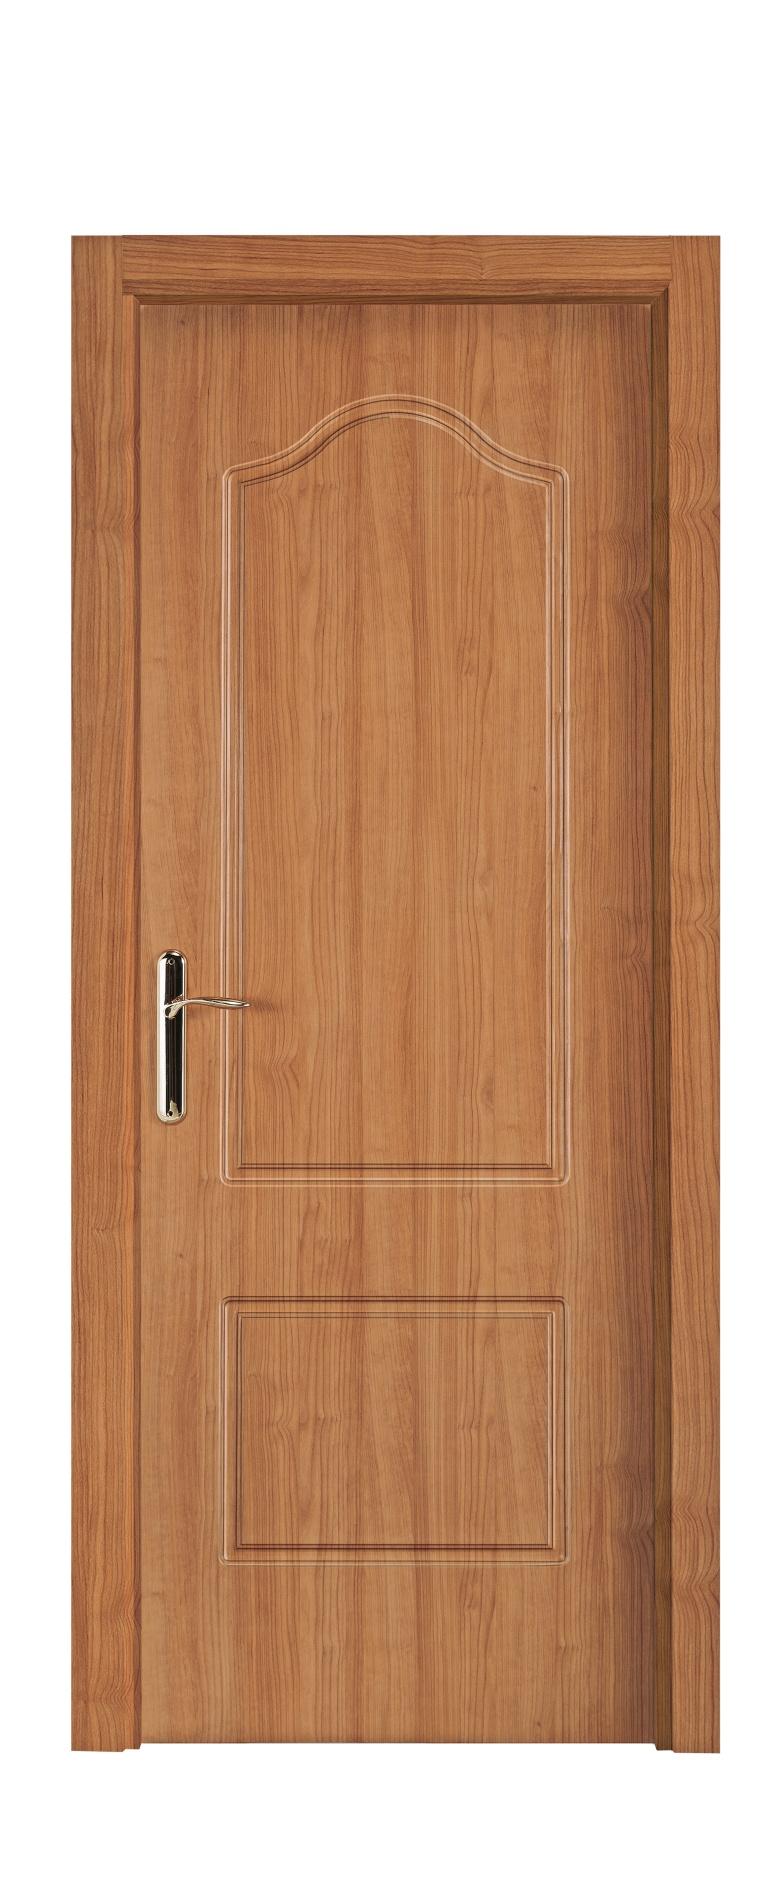 Puertas de interior de pvc afa pvc ventanas pvc valencia for Restaurar puertas interior casa